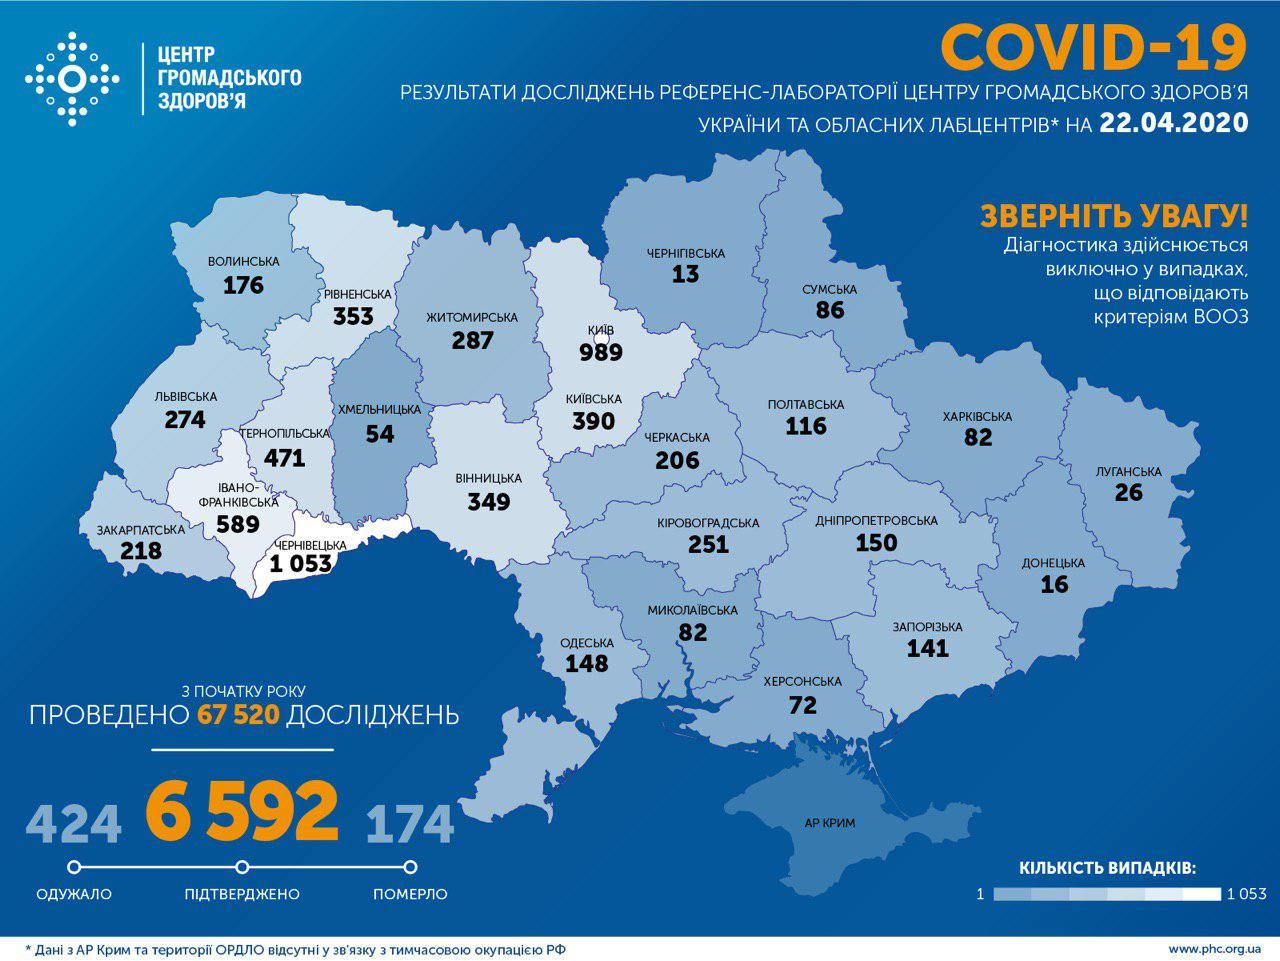 В Україні зафіксовано 6592 випадки COVID-19